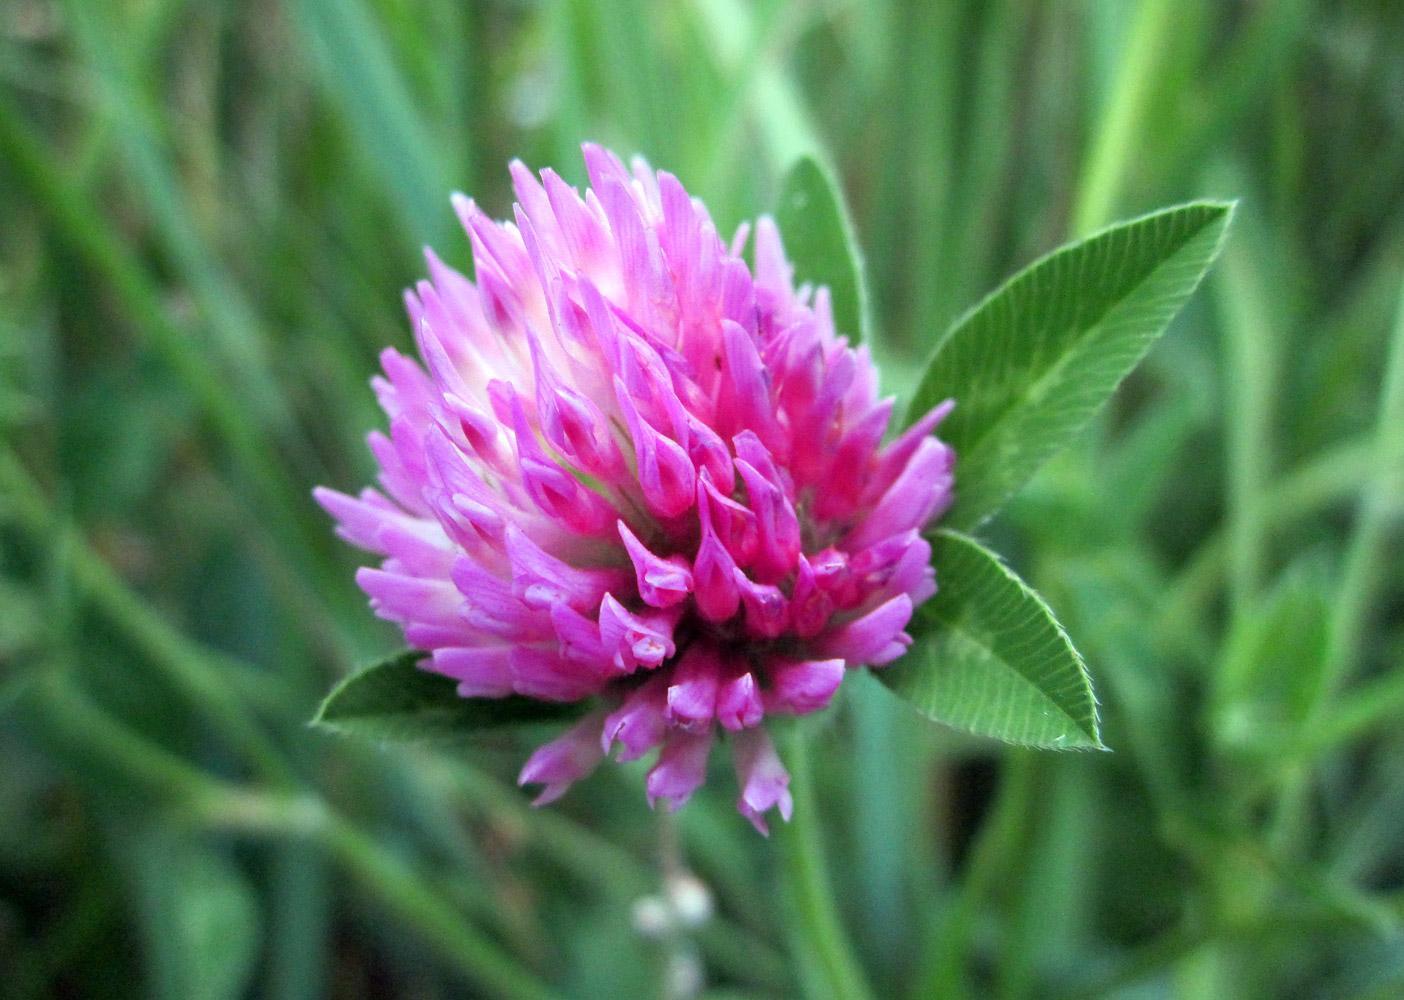 Клевер (фото растения) - секреты, советы, инструкции.